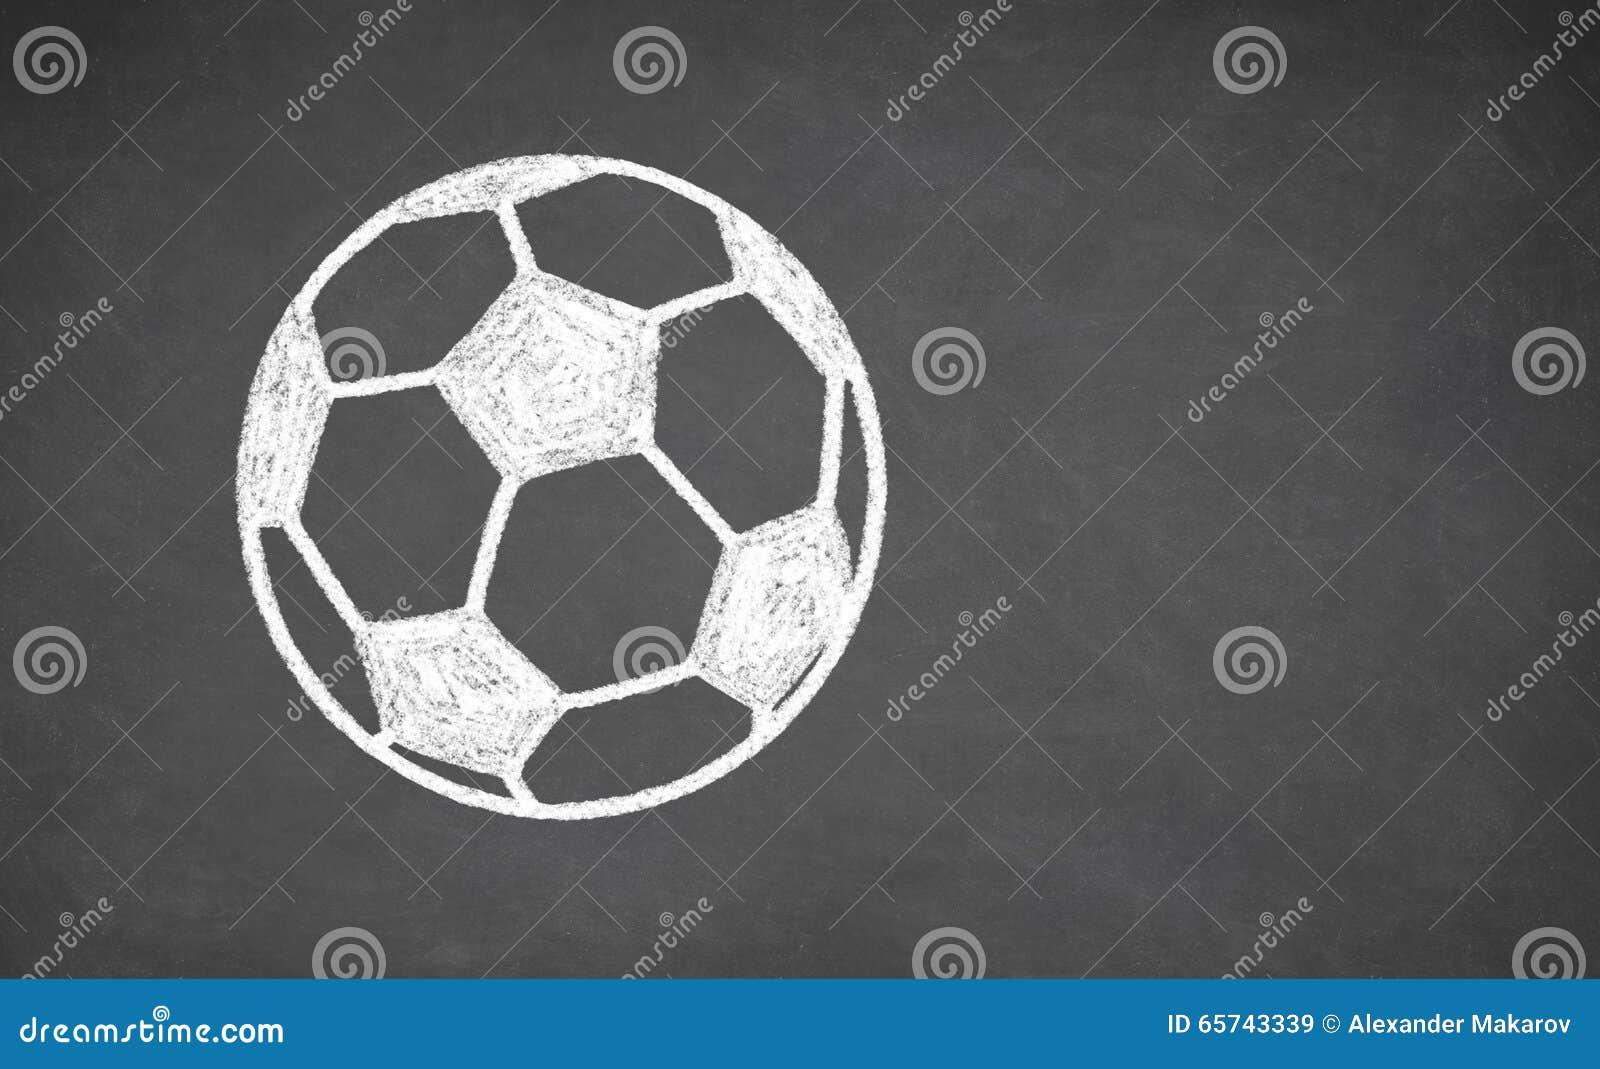 Fussball Gezeichnet Auf Tafel Stockbild Bild Von